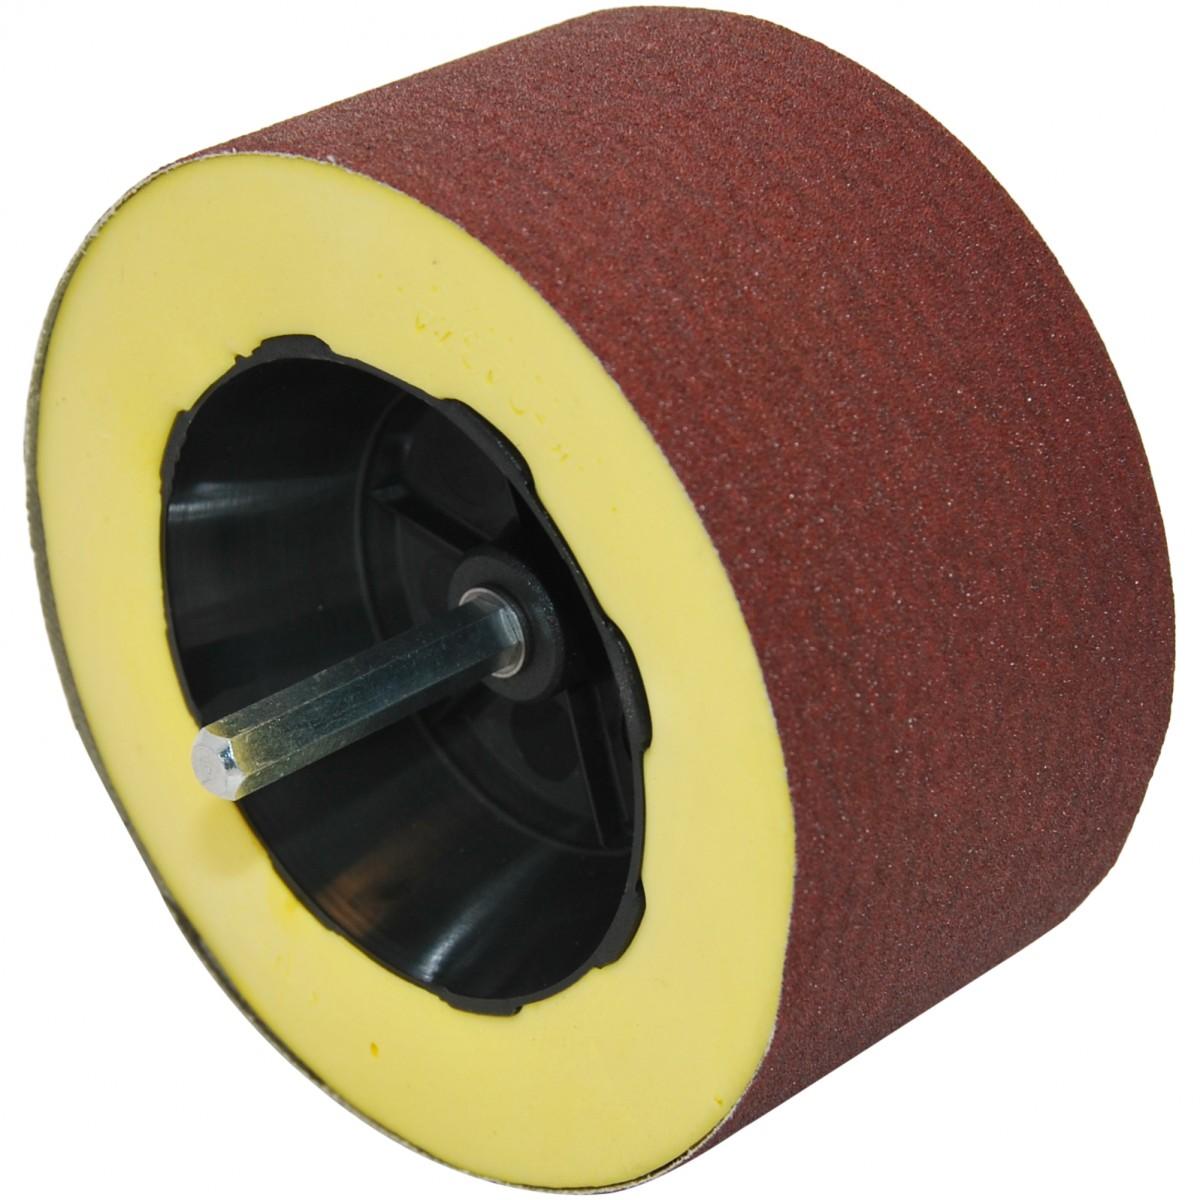 Supersander - Fleksibel sliberulle til borremaskine og lignende